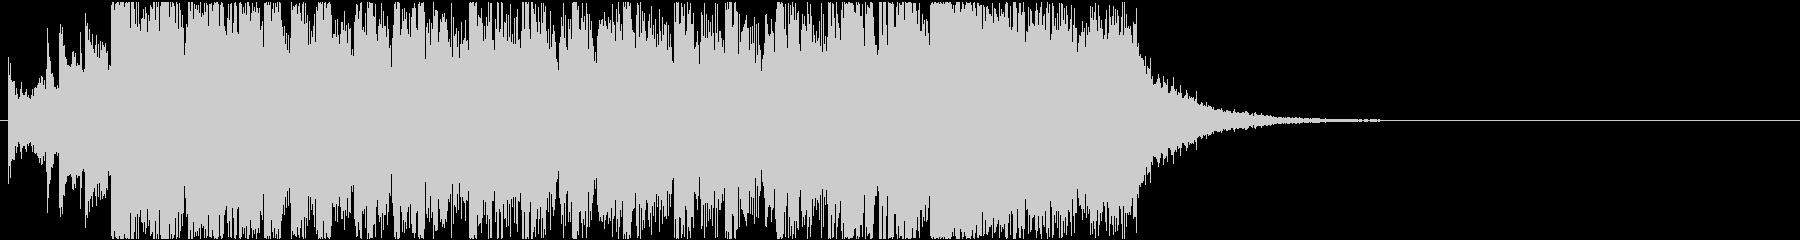 ニュースOP1 16bit48kHzの未再生の波形